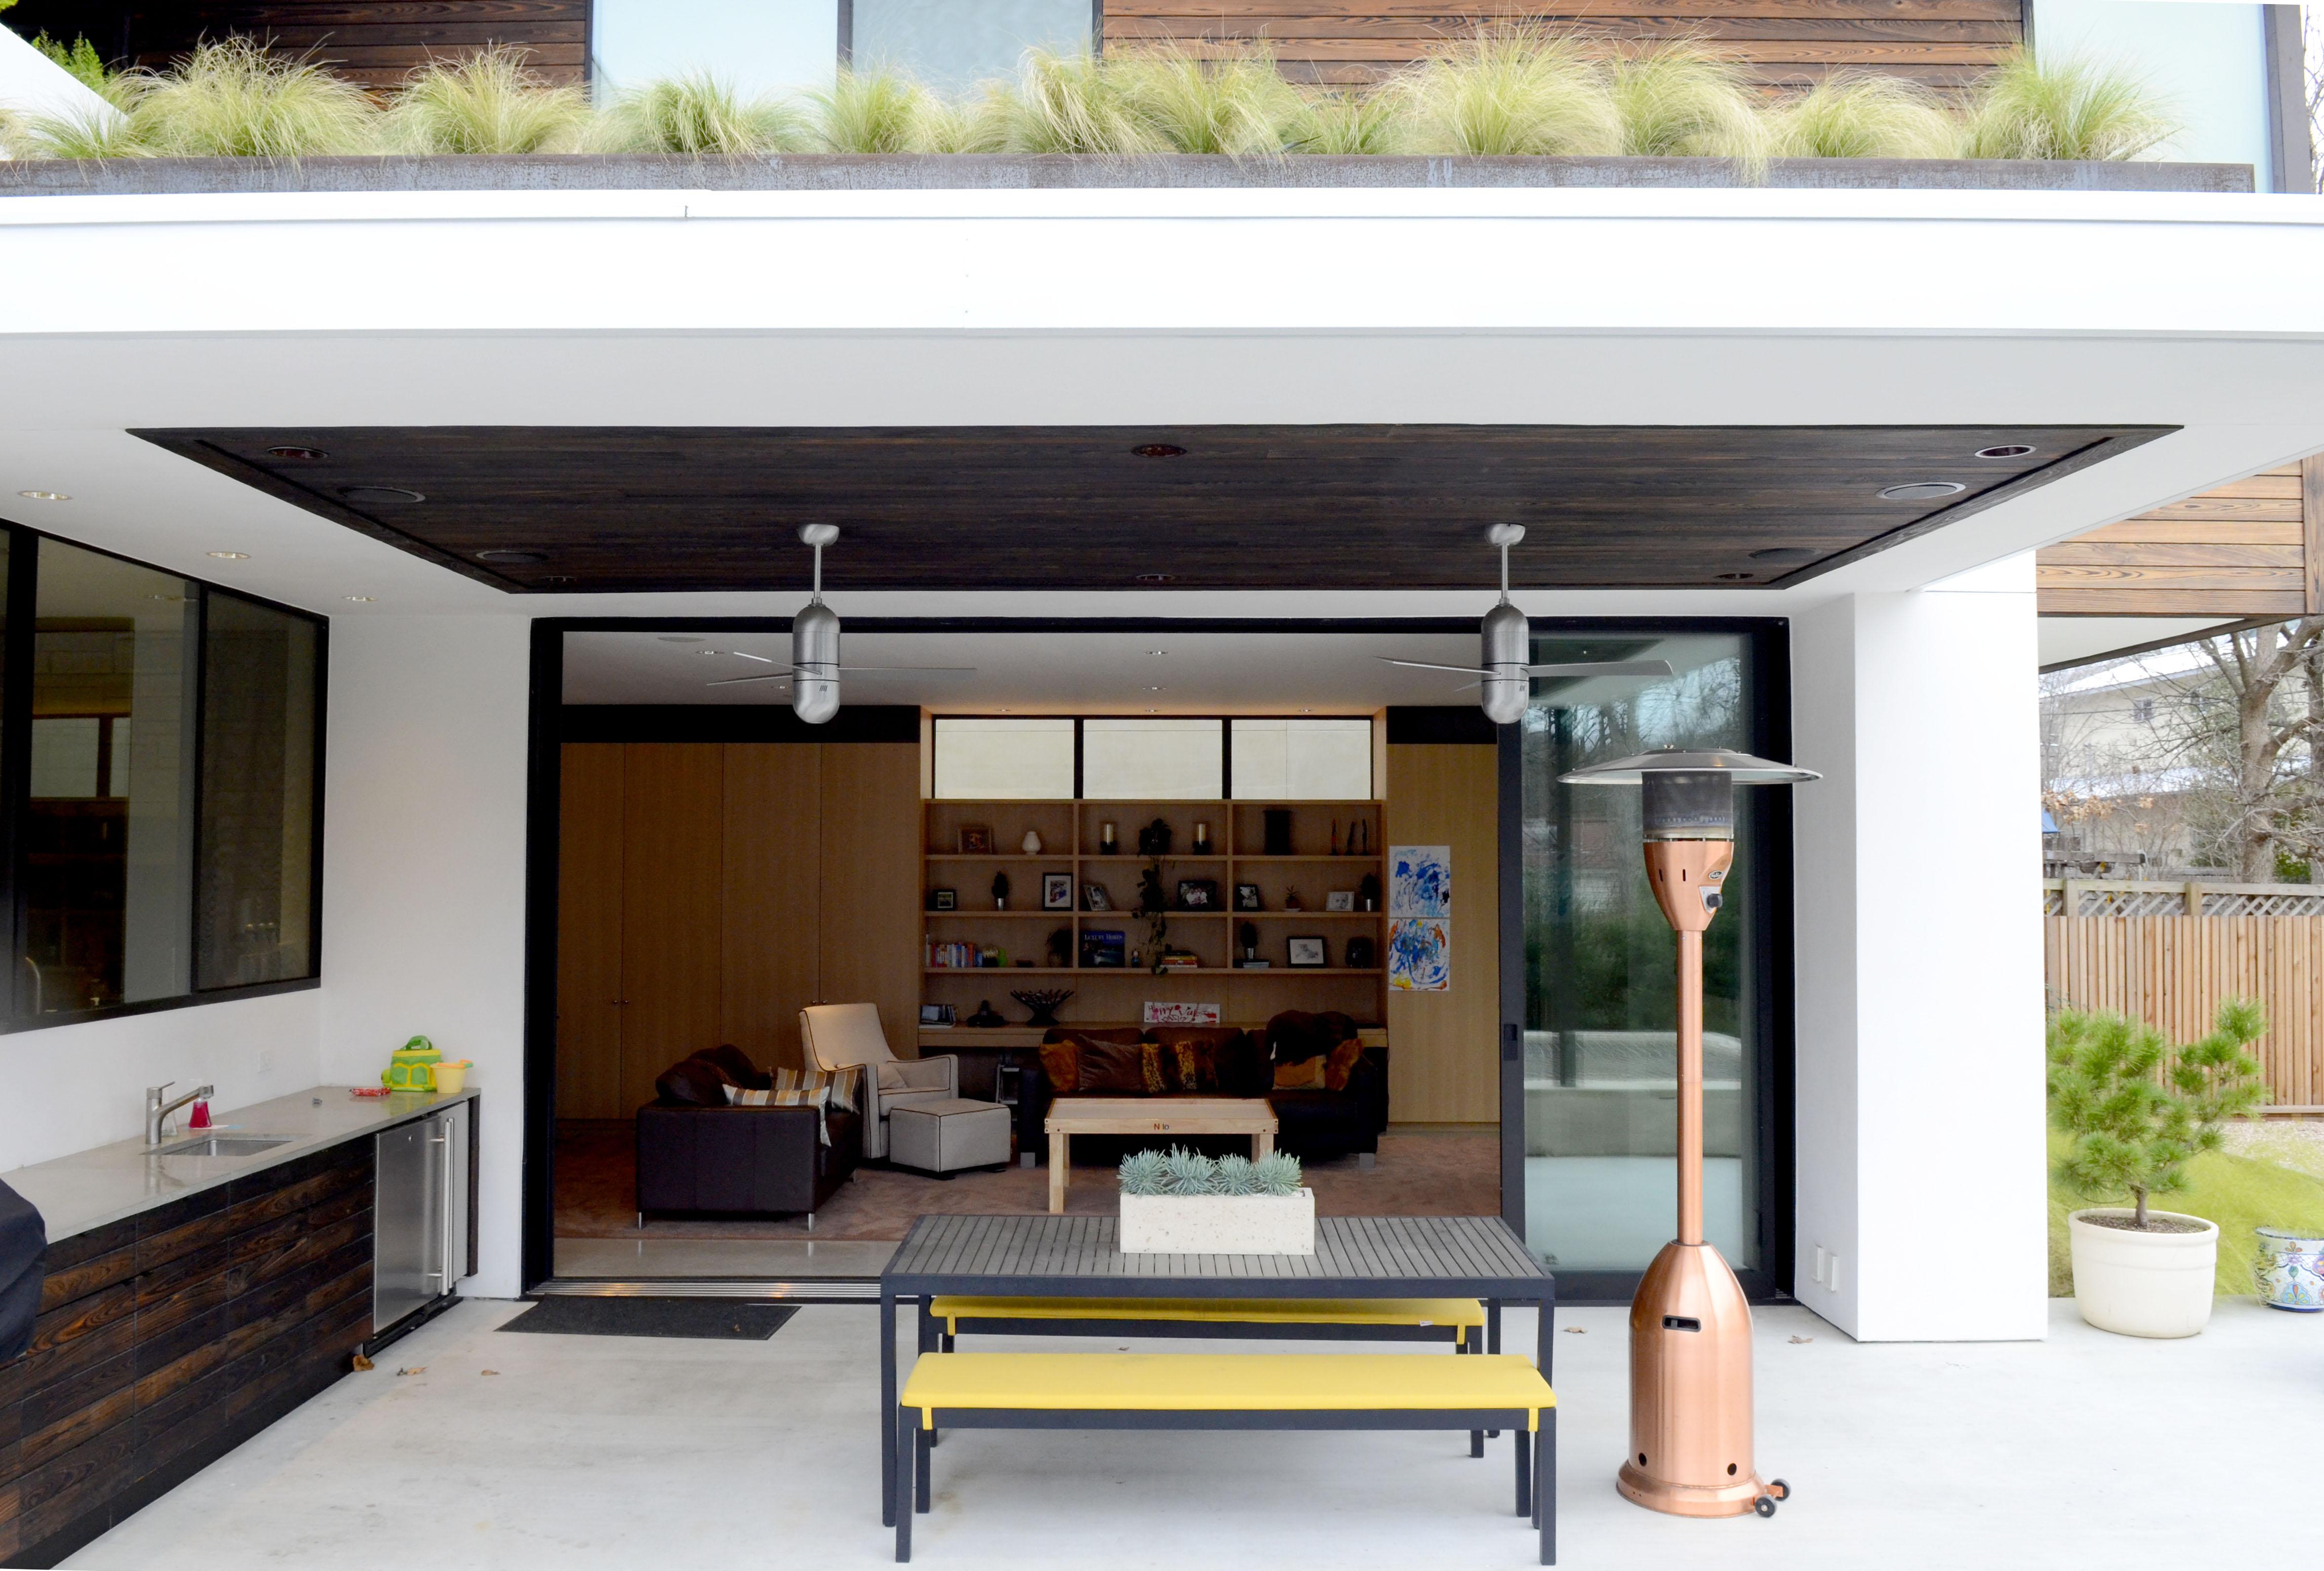 Entiende las necesidades de tu hogar (y las tuyas)